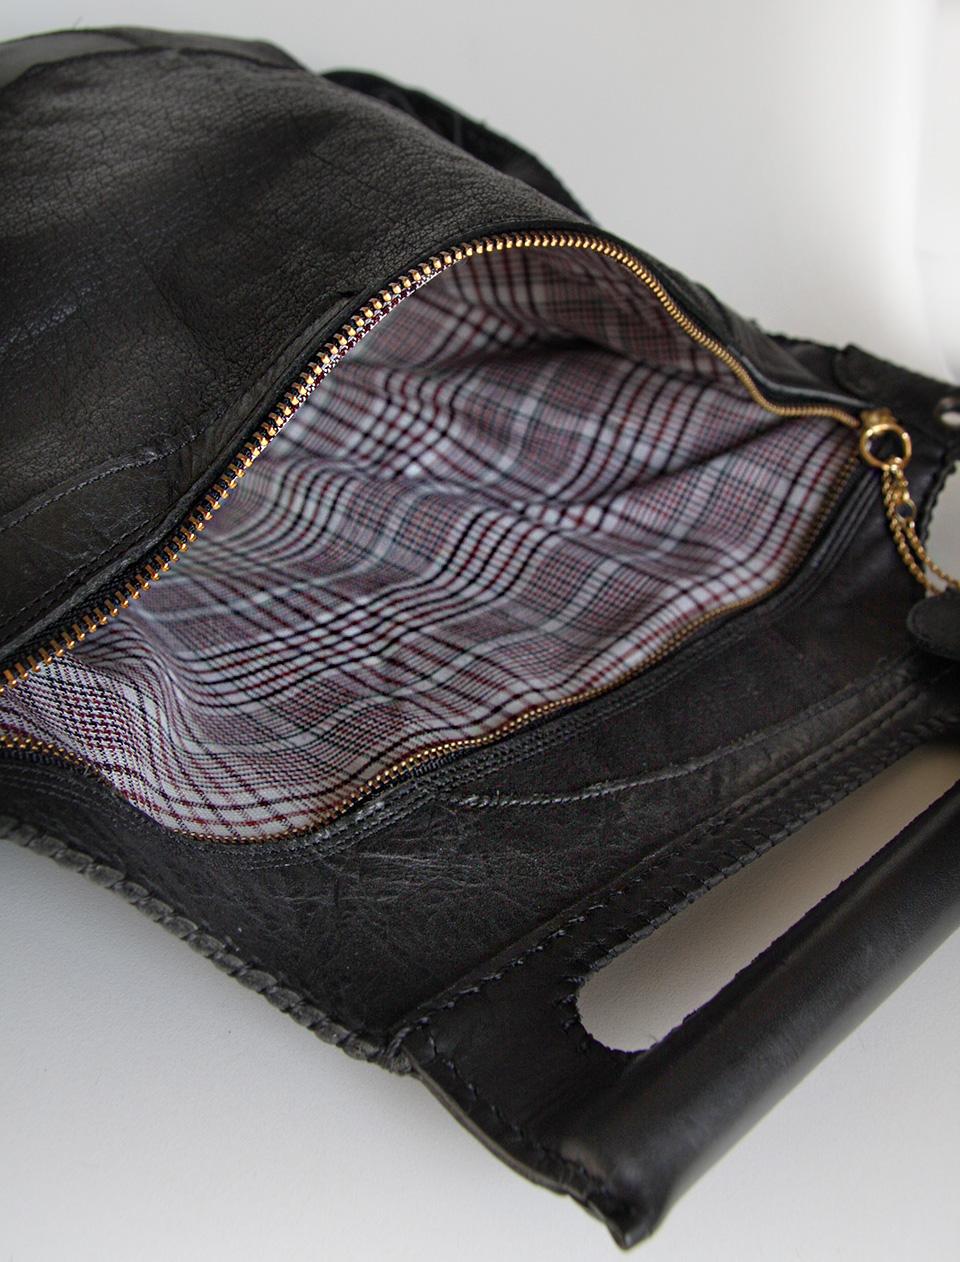 世界に一つ黒本革パッチワークのクラッチバッグ。中はロンドンモードなチェック柄☆